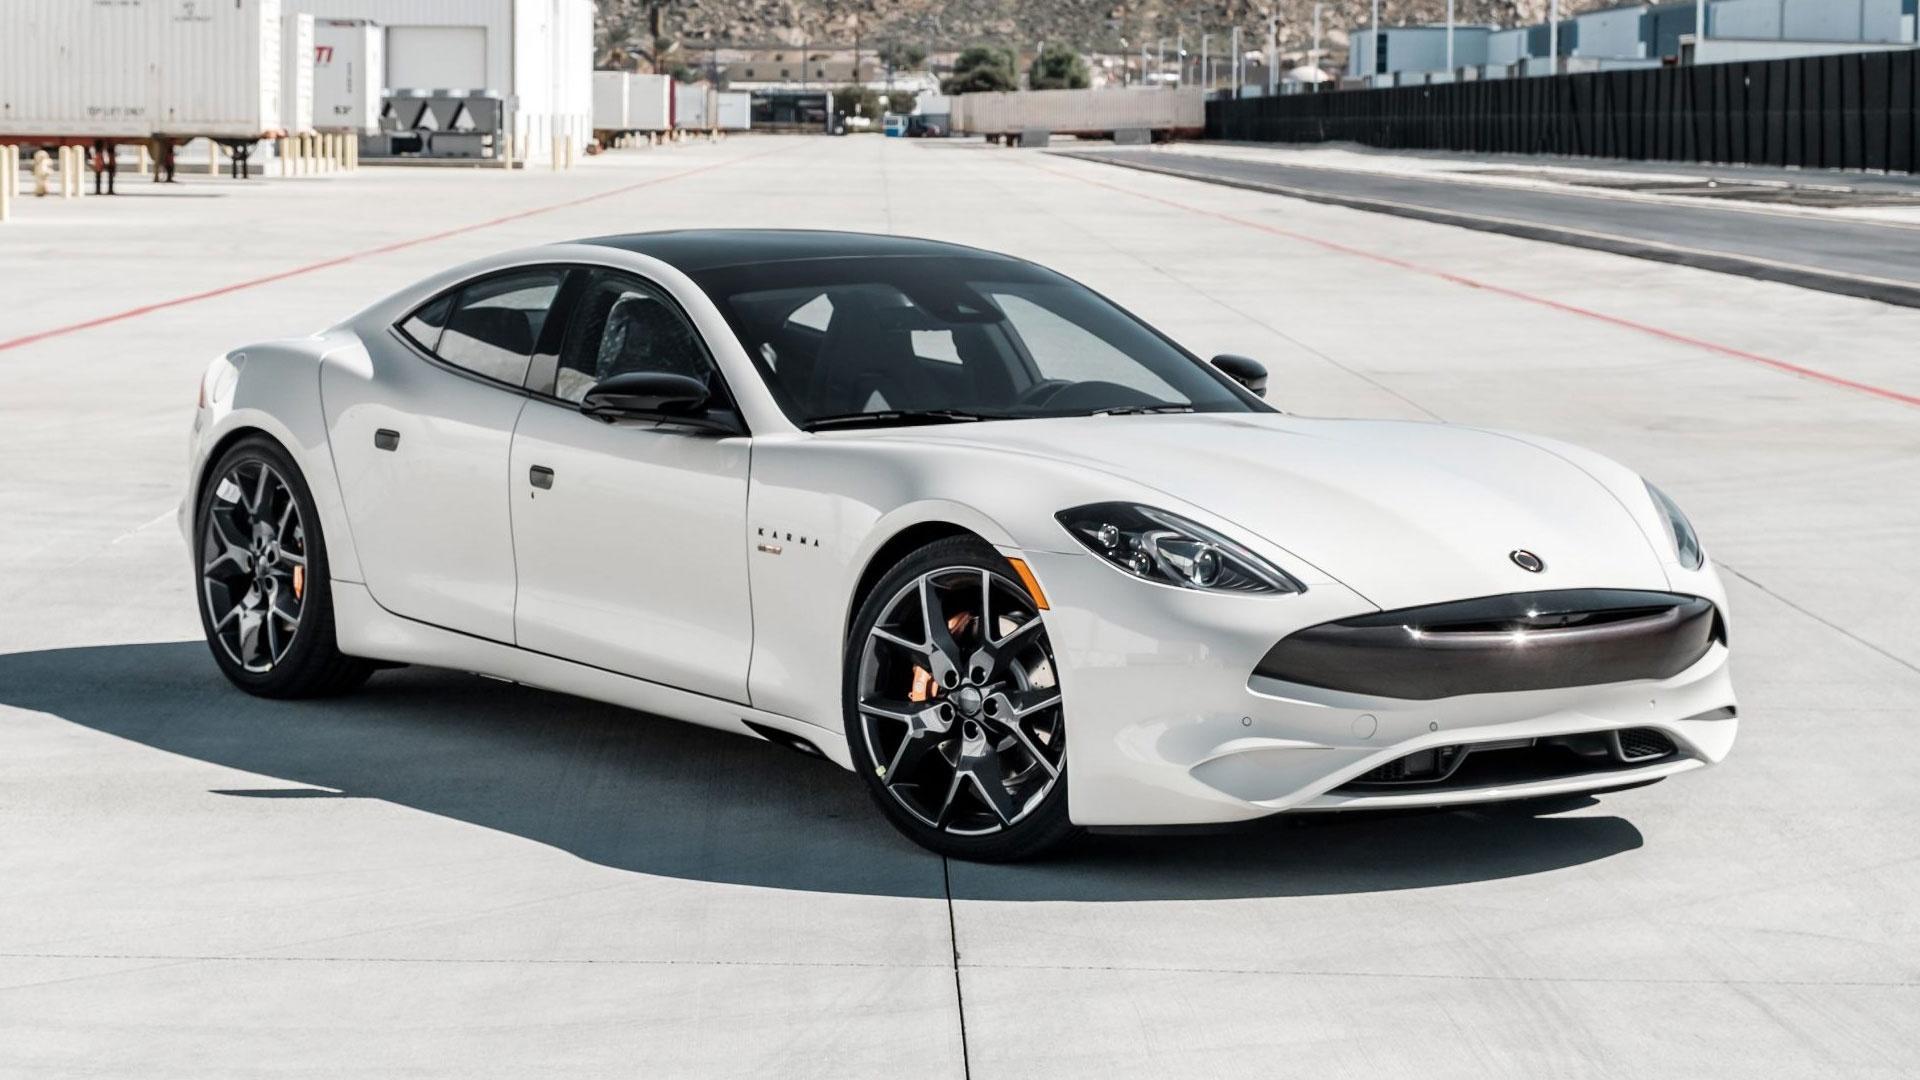 2021 Karma GS-6 & 2021 Cadillac Escalade